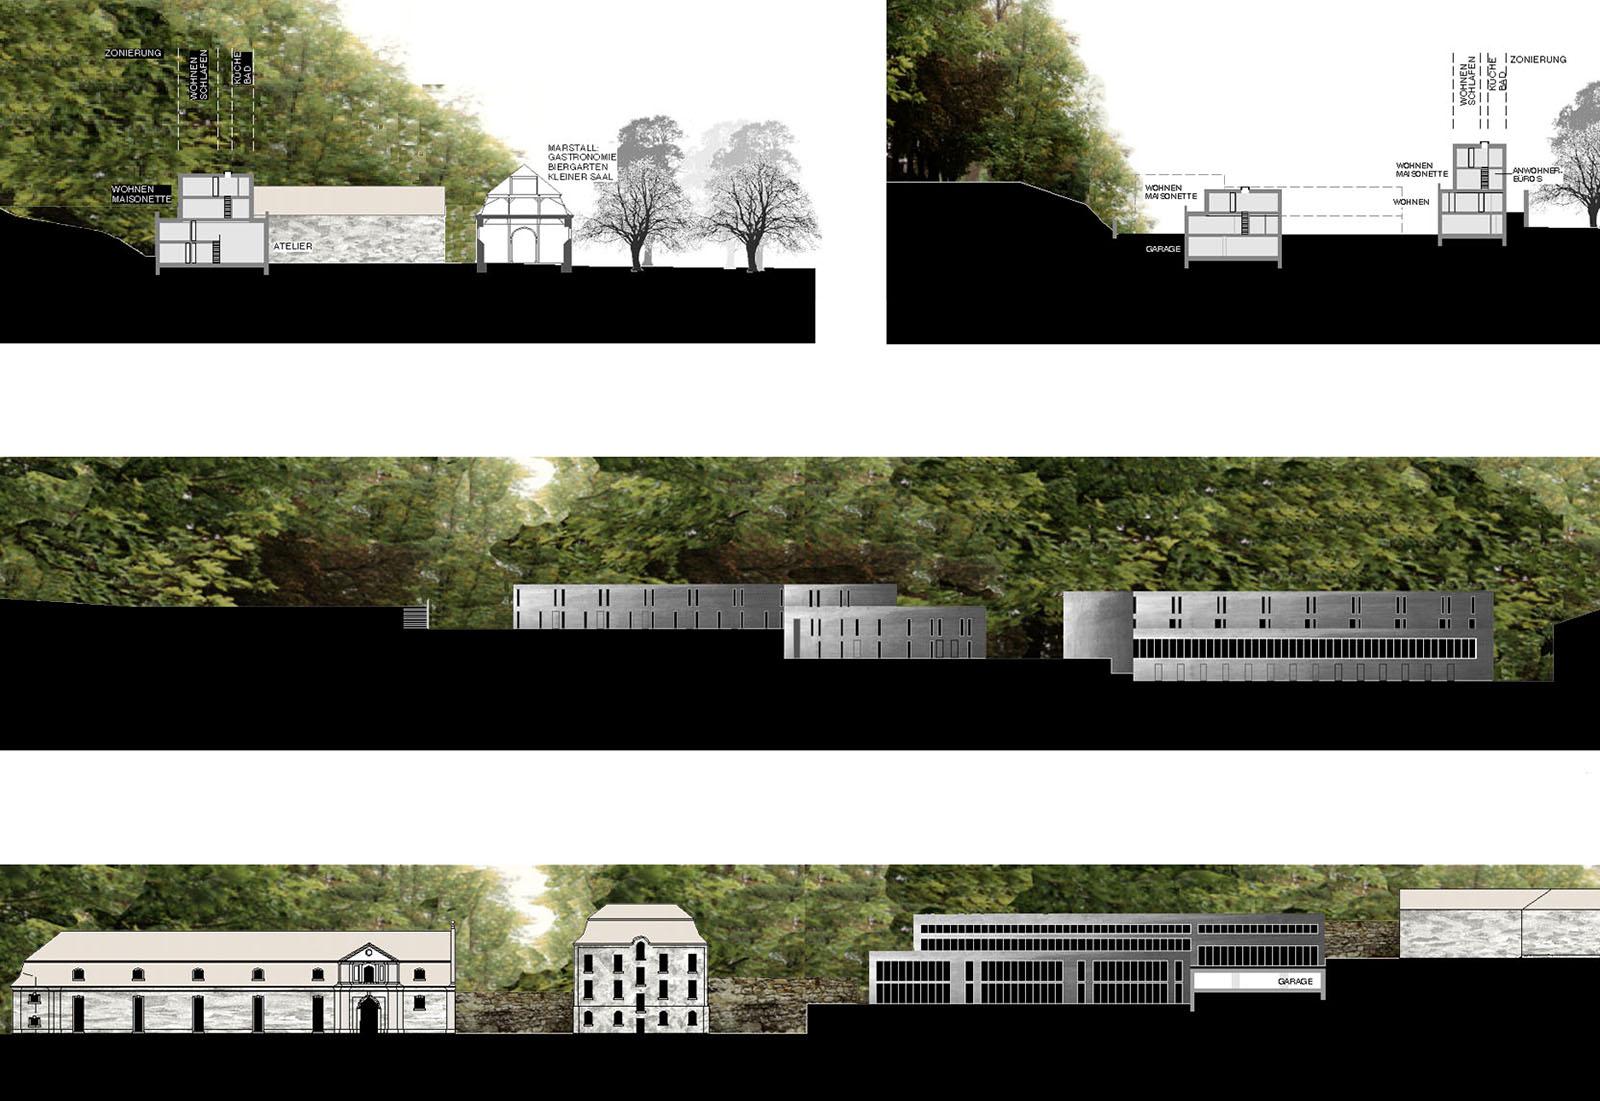 FPZ_Architekten_Europan_Weissenfels_2